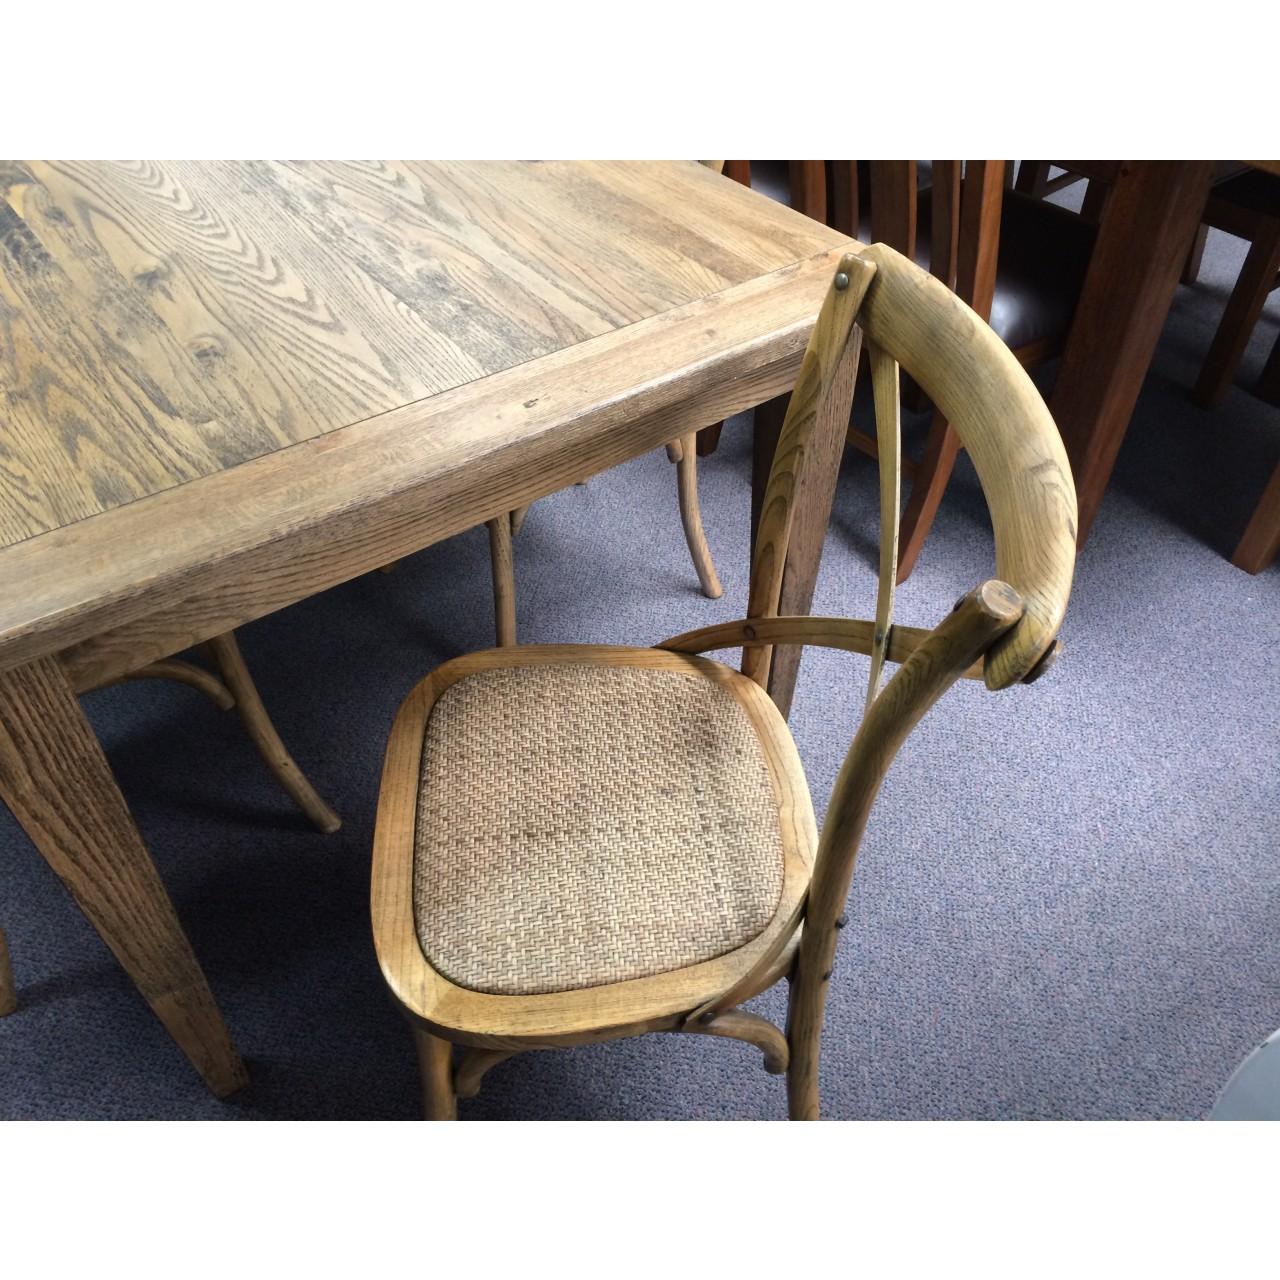 Tigress Direct Furniture and Homewares : 208 1280x1280 381507 from tigressfurniture.com.au size 1280 x 1280 jpeg 374kB